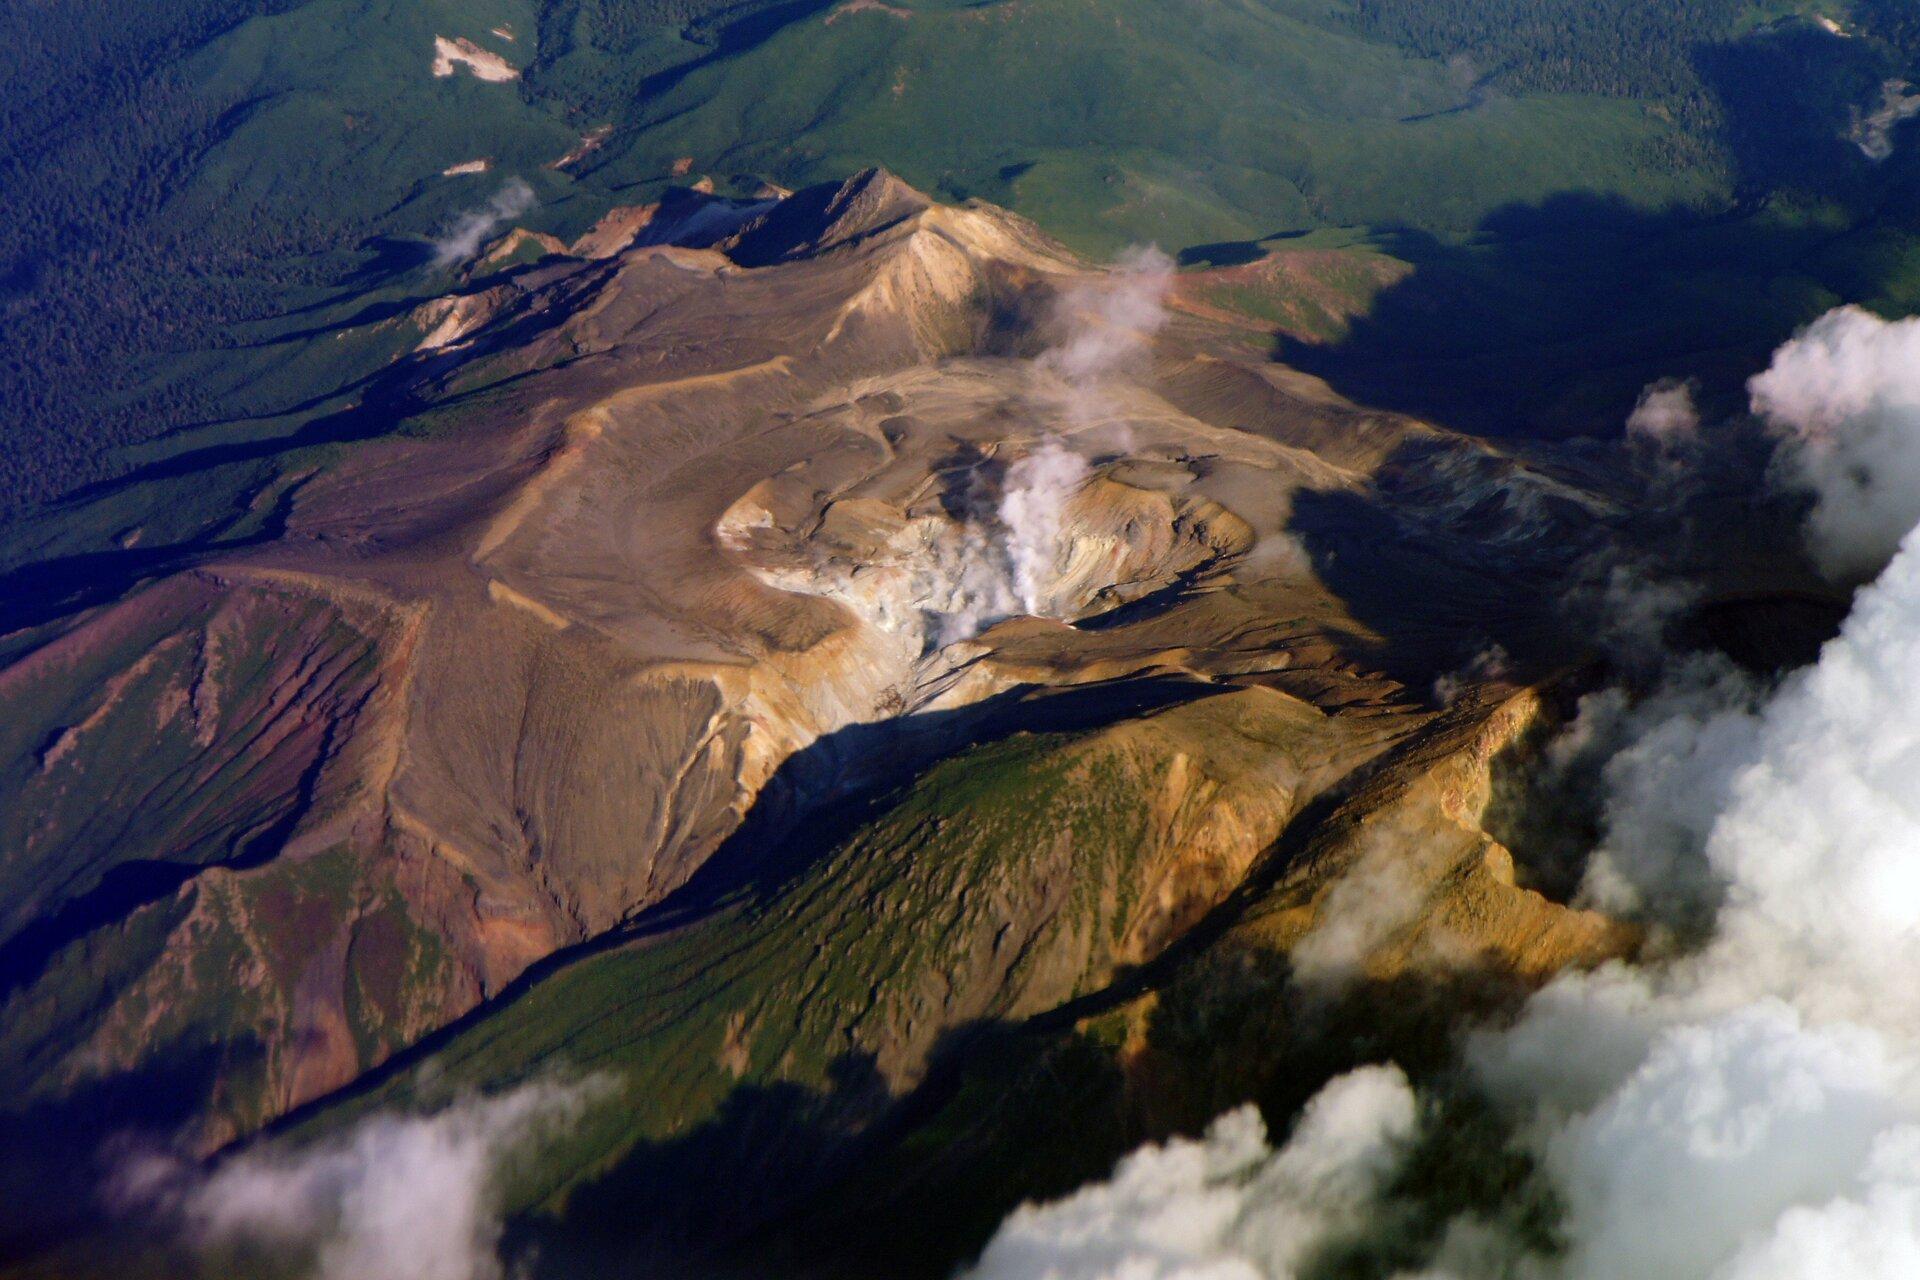 Na zdjęciu widok zgóry na wulkan, zktórego wydobywa się chmura dymu.